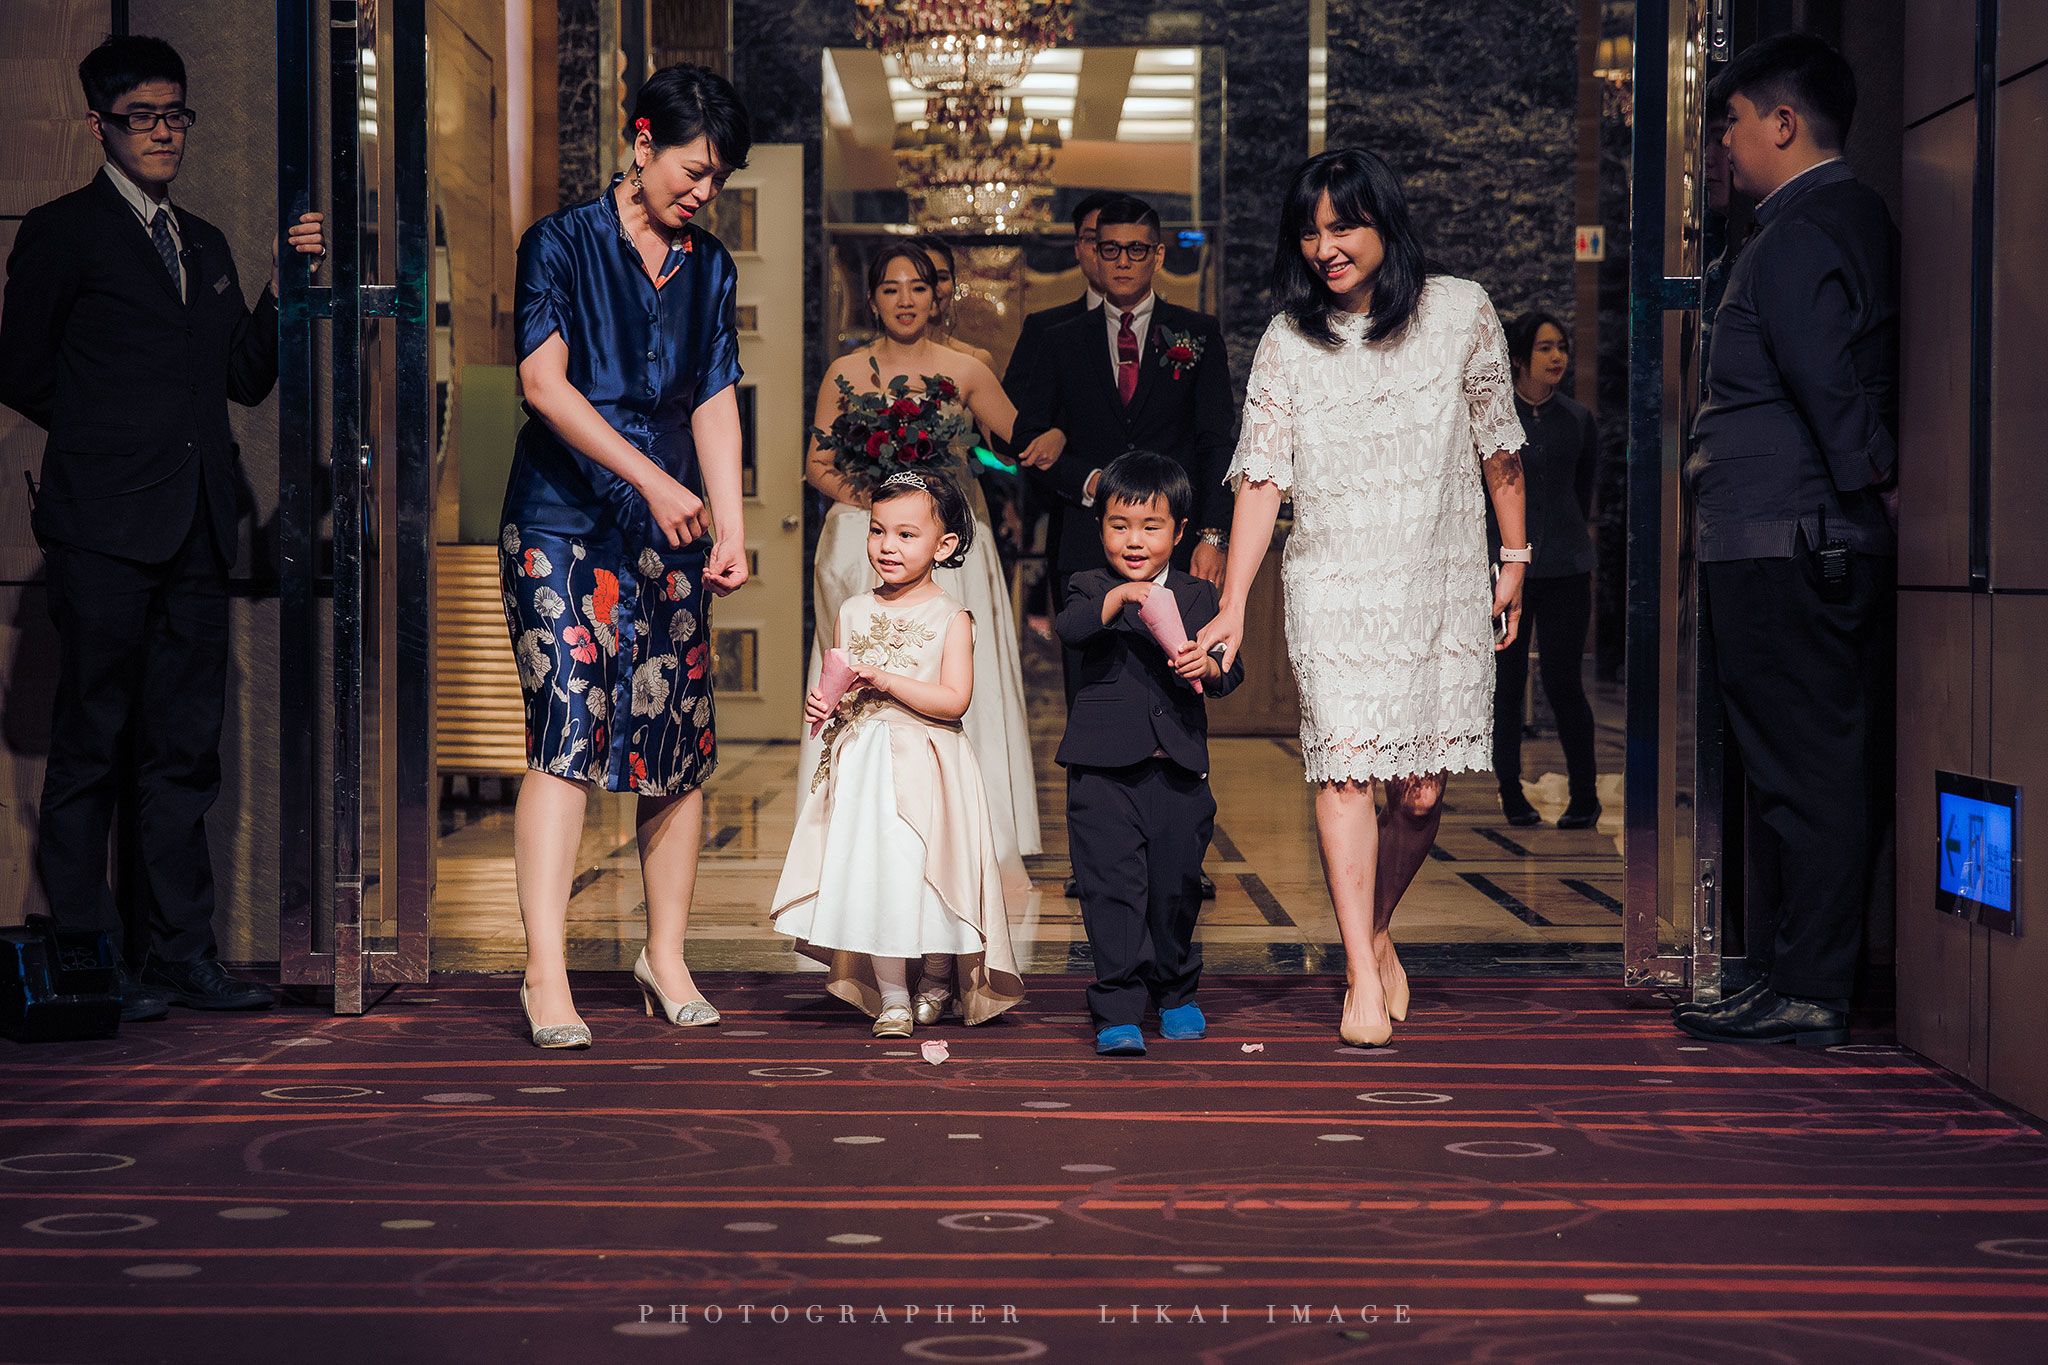 婚禮紀錄 - Emily & Andy - 萬豪酒店